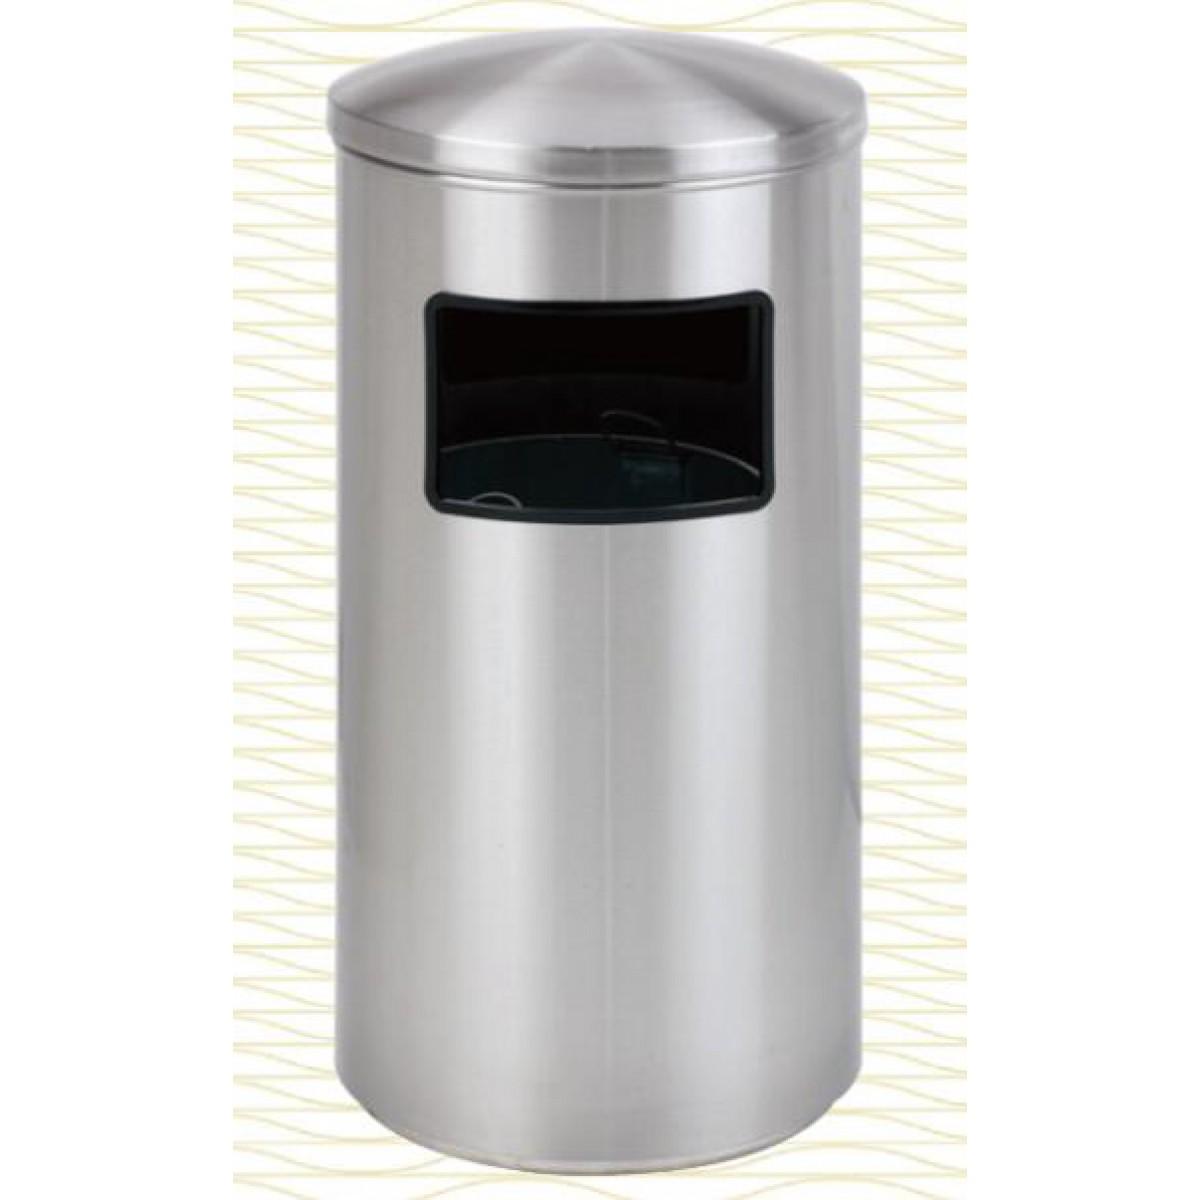 大號圓形垃圾桶(A-200A)